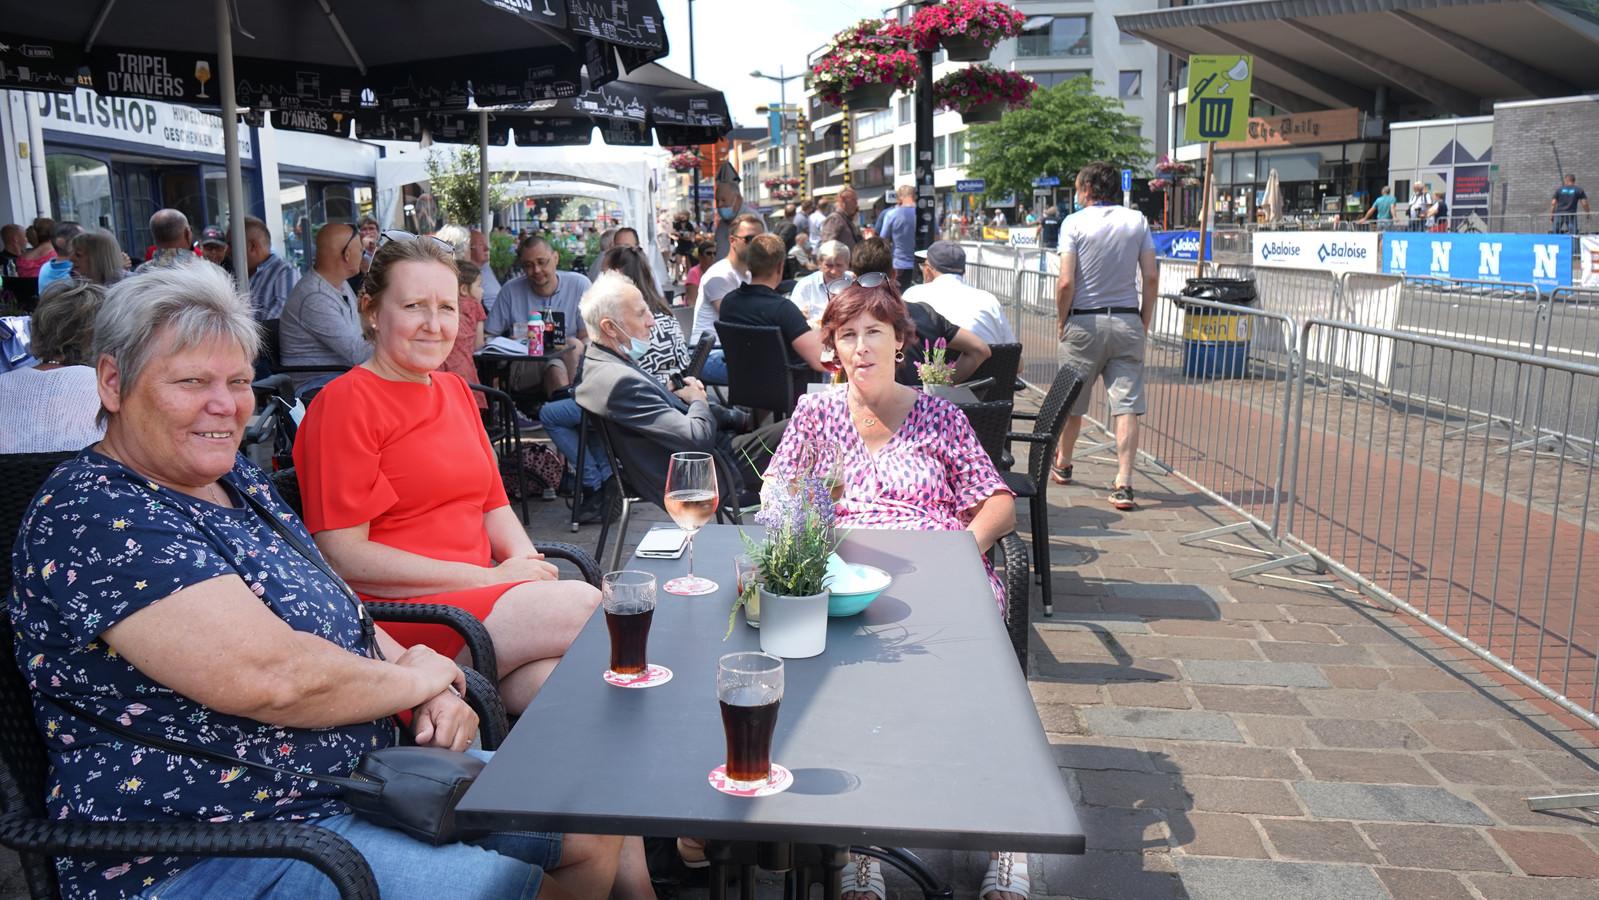 Kristien De Roeck, Leentje Van Laere en Hilde Maes konden woensdag een tafeltje bemachtigen met zicht op de start van de koers.